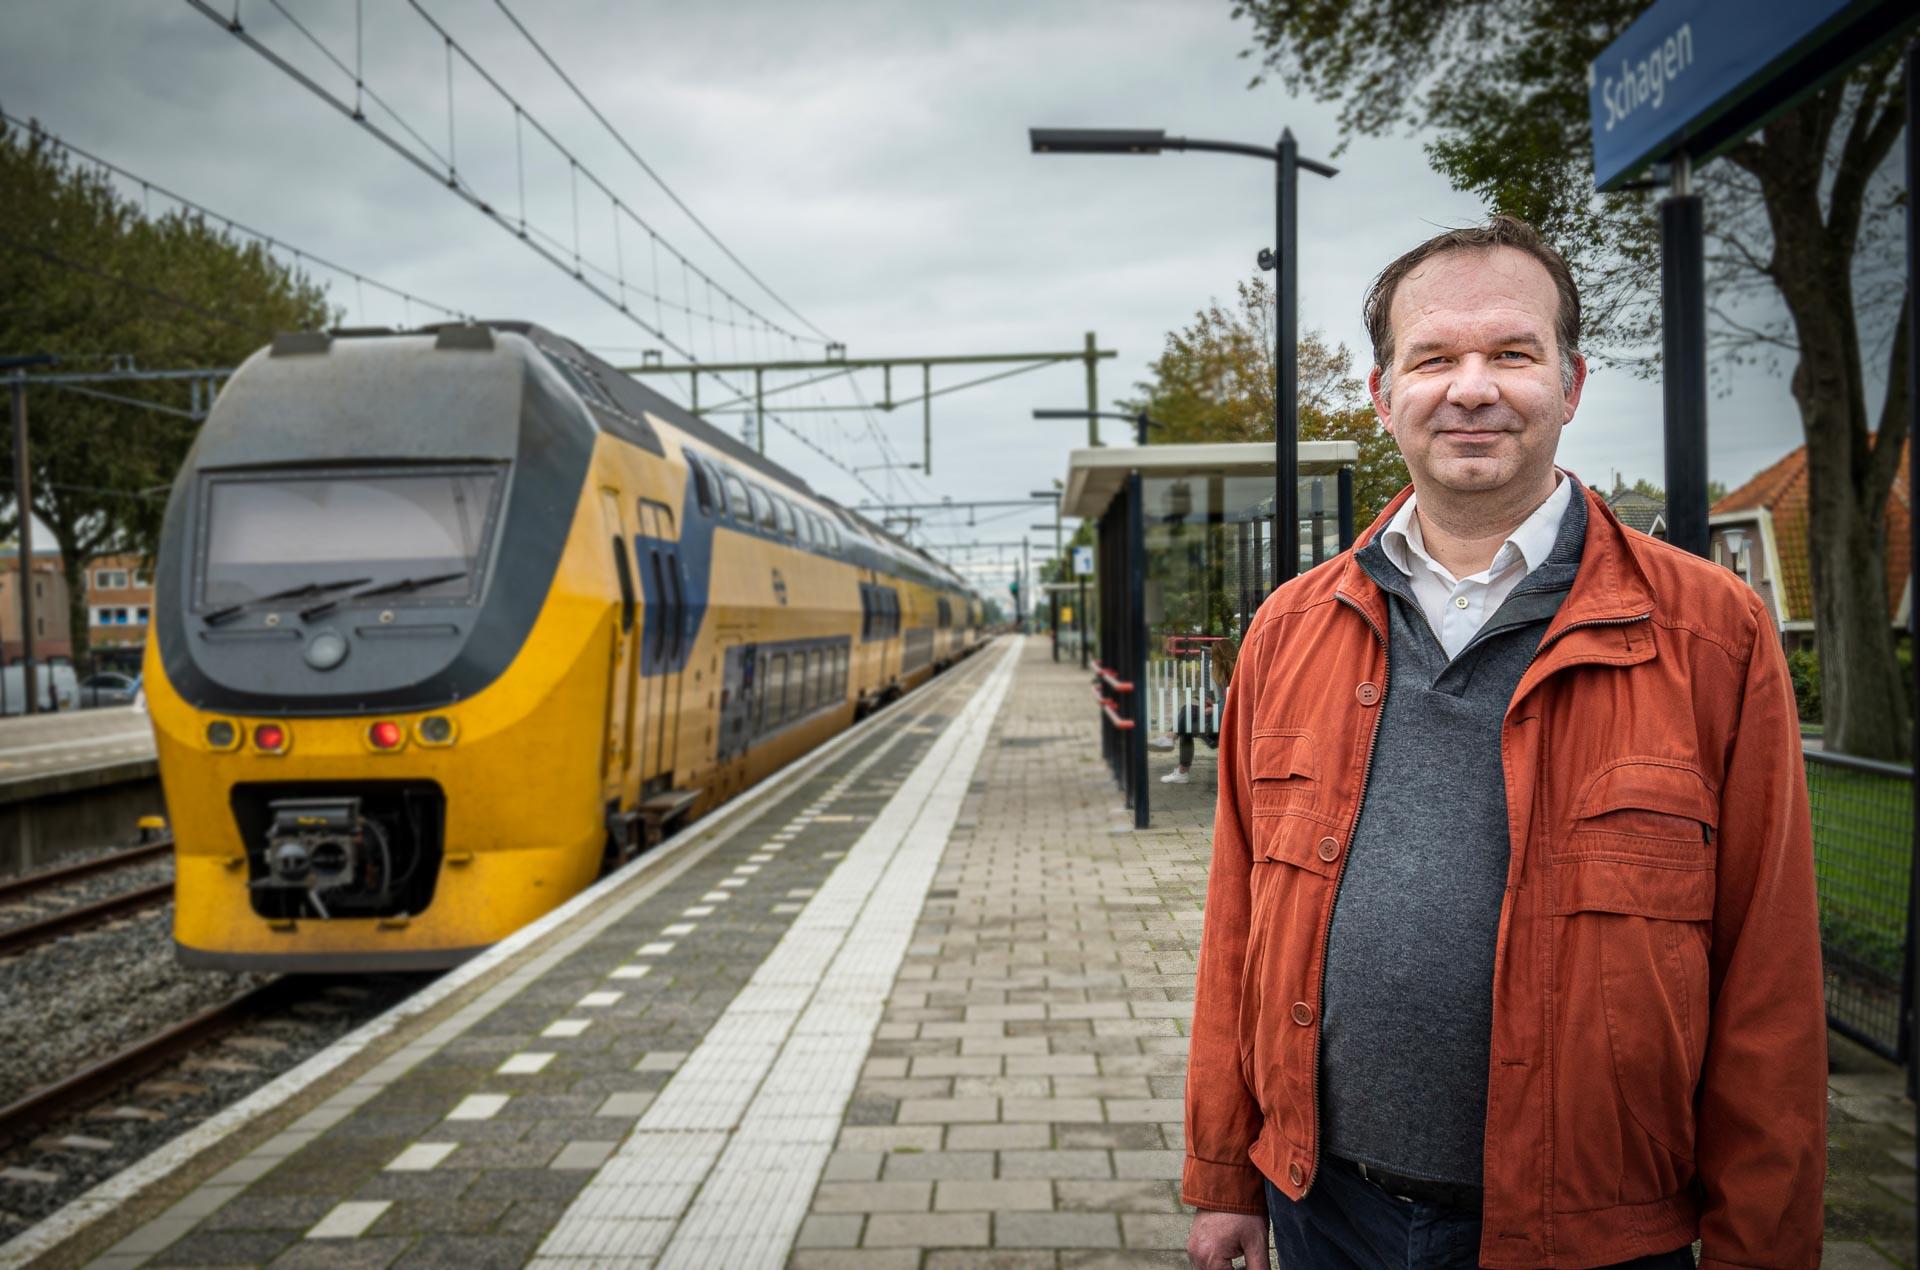 Sander Lensink